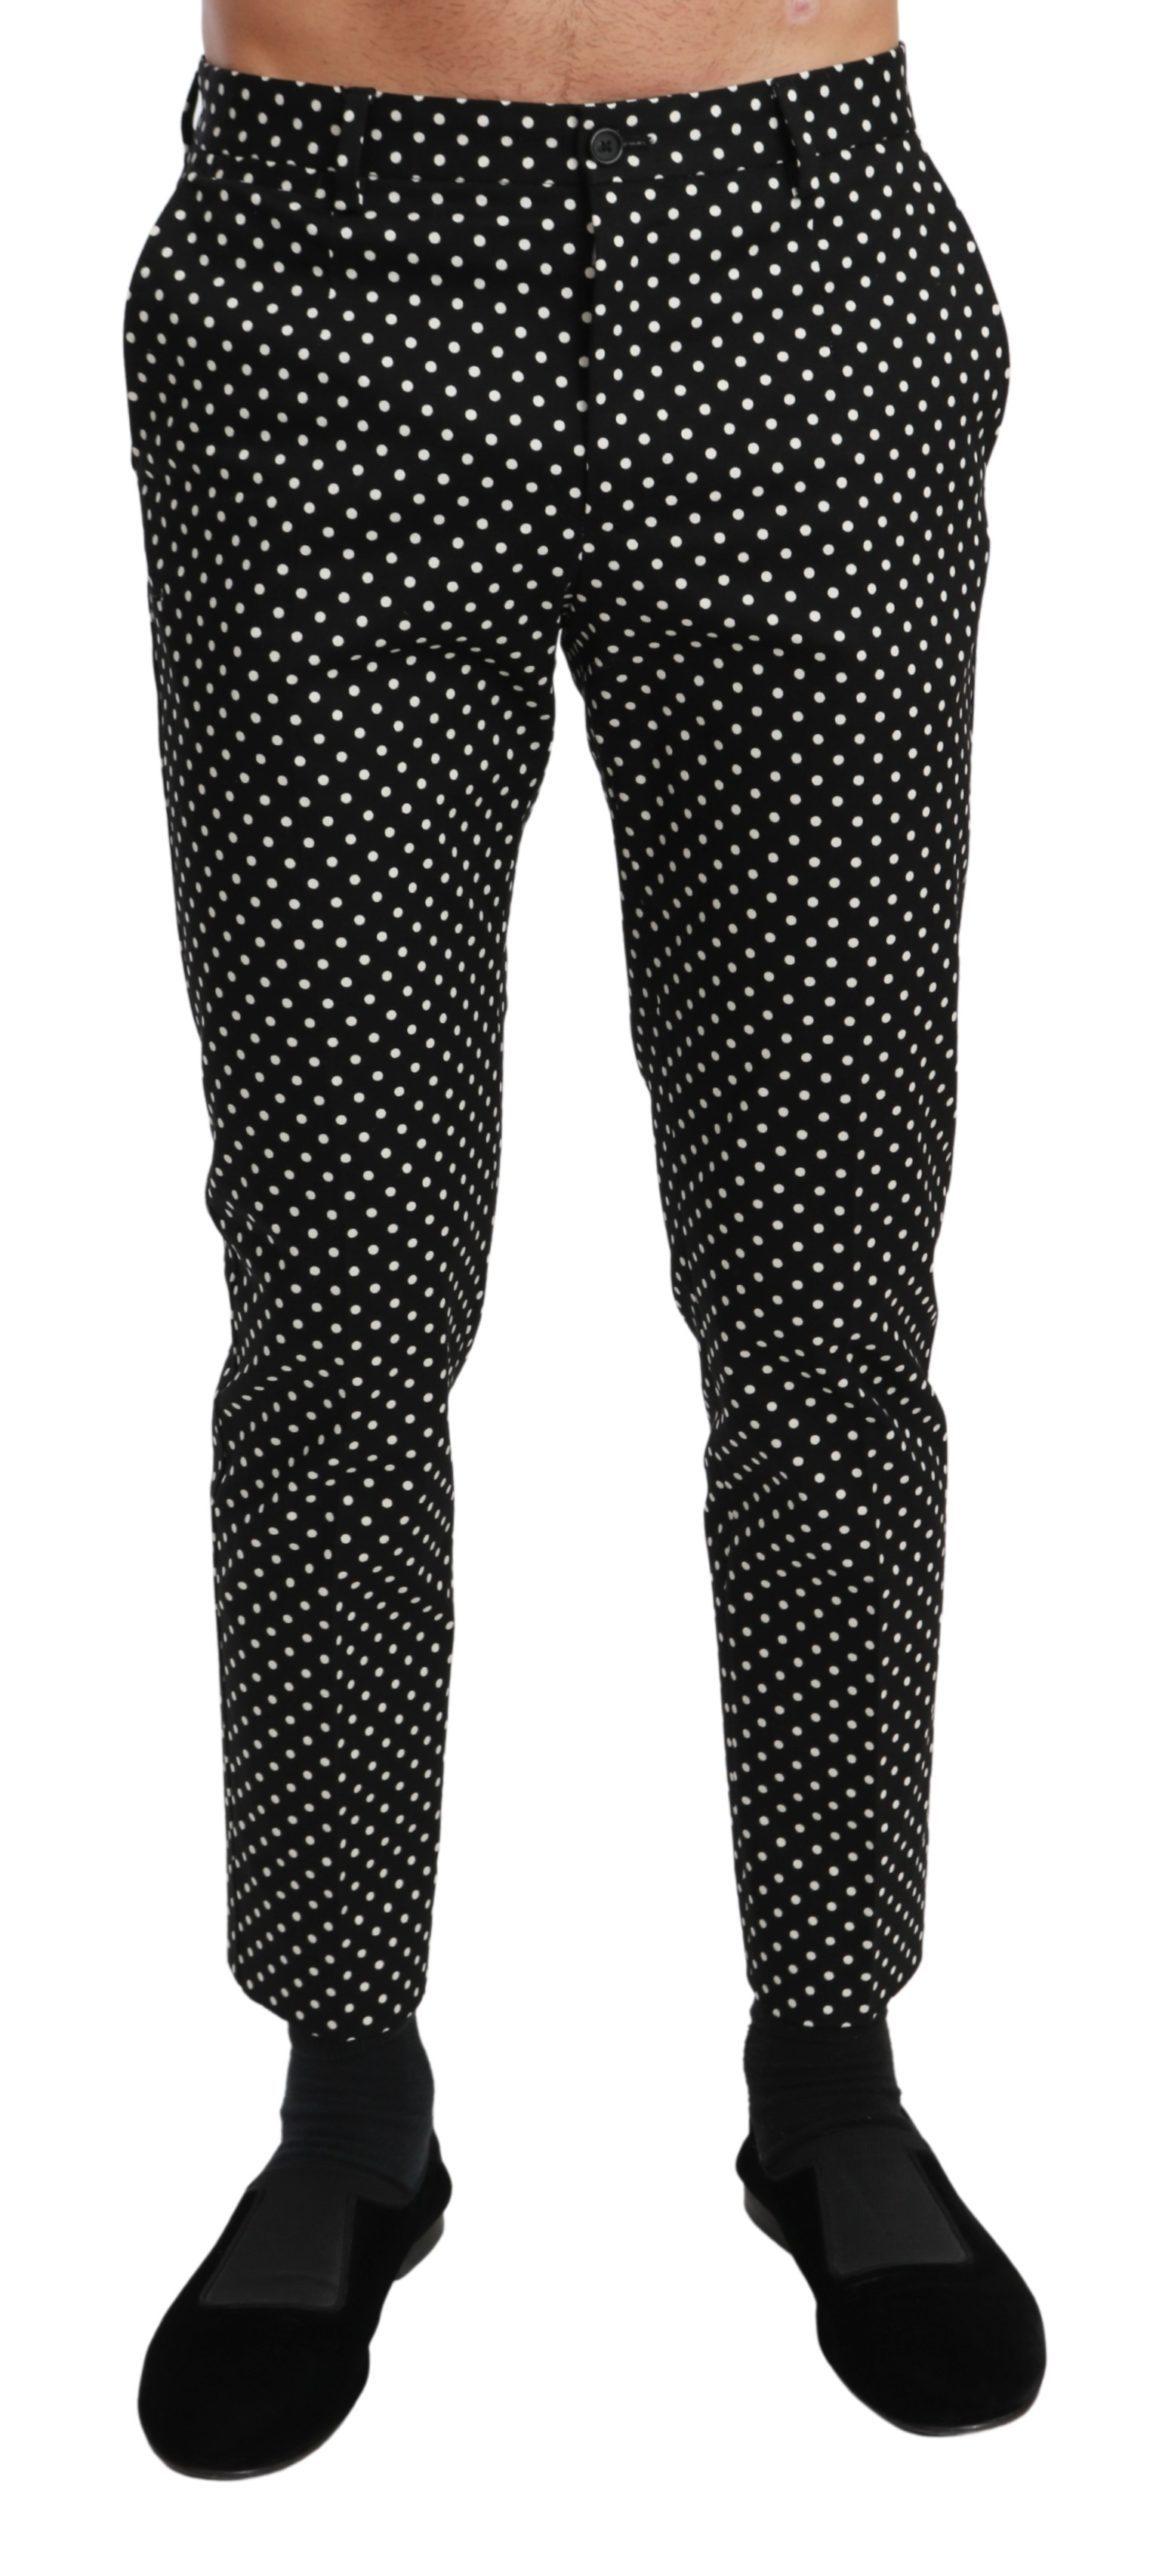 Dolce & Gabbana Men's Polka Dots Casual Trouser Black PAN71020 - IT44   XS